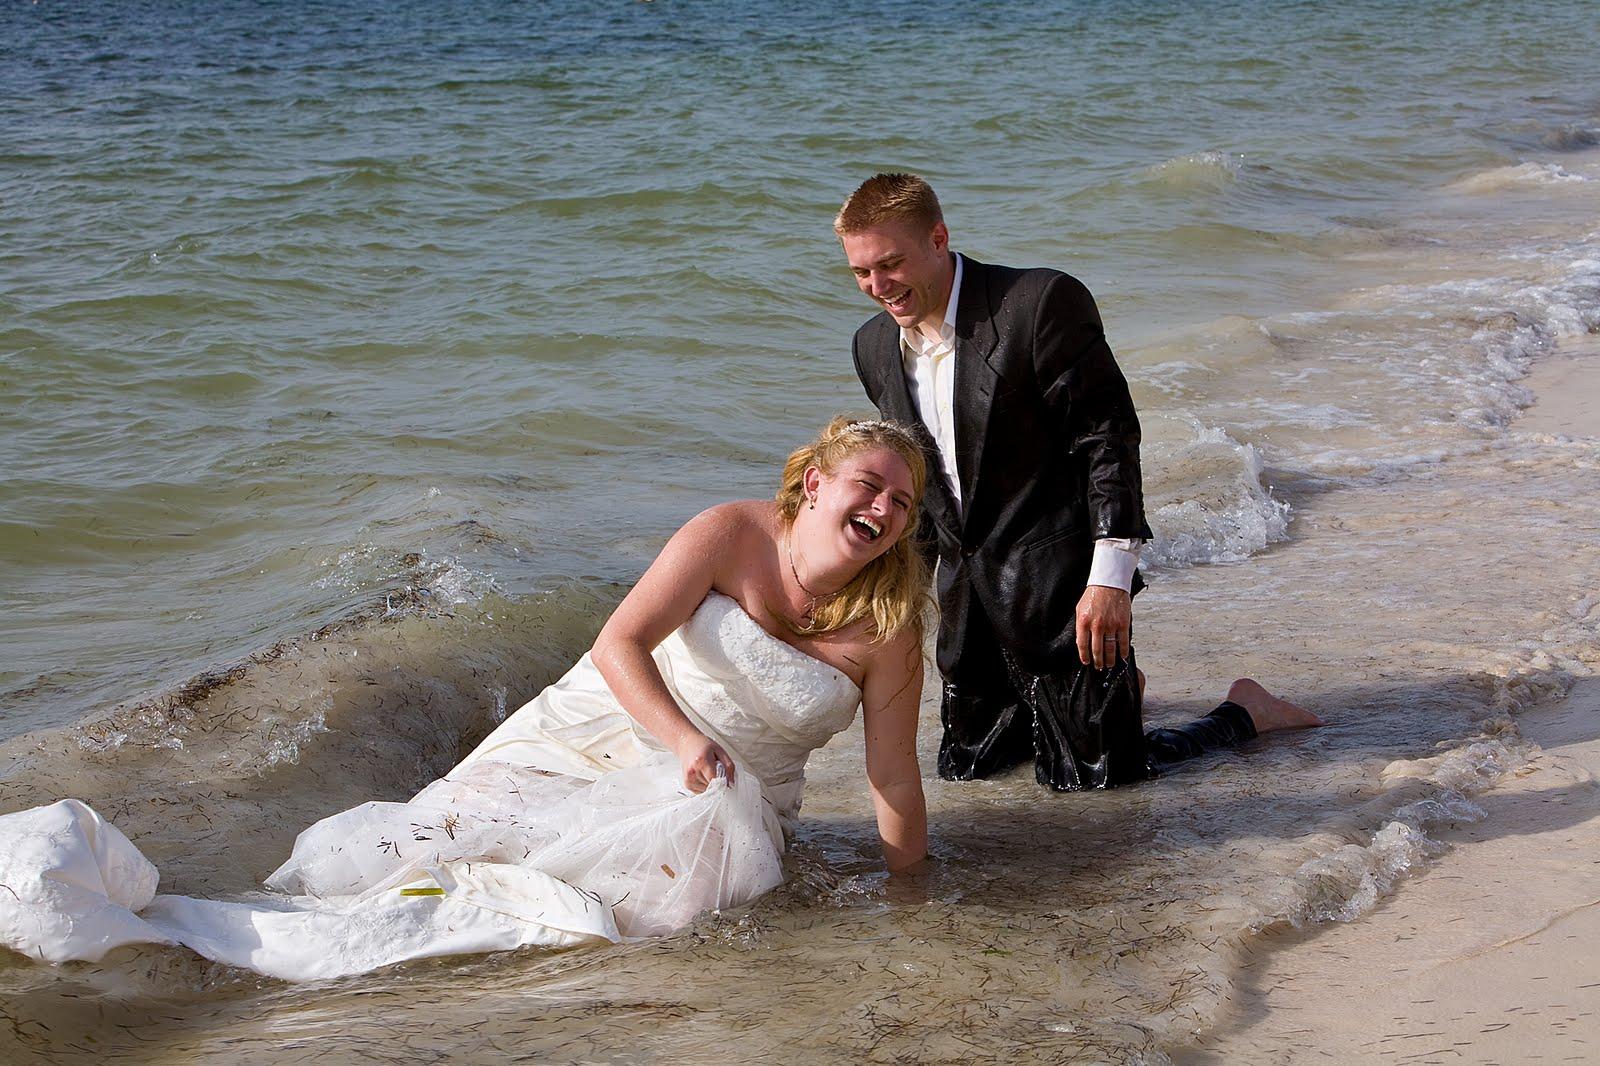 пансионаты фото смешные случаи с невестами удара молнии пилот